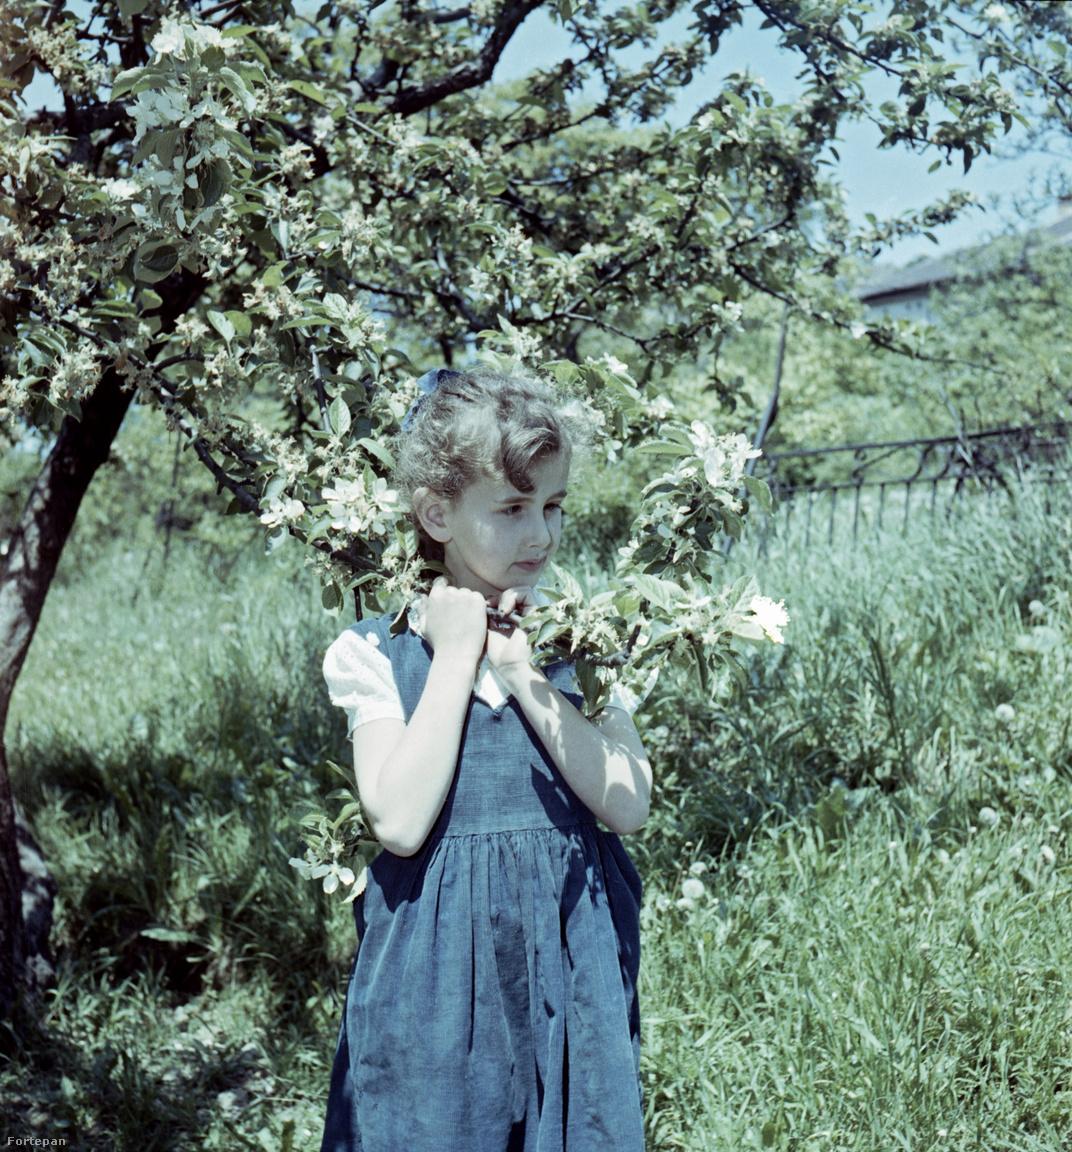 Szűcs Ervin kisebbik lánya, Glázer Attila nagynénje, Katalin (később Jakobi Lászlóné), aki hat évvel nővére születése után, 1952-ben, jött világra.